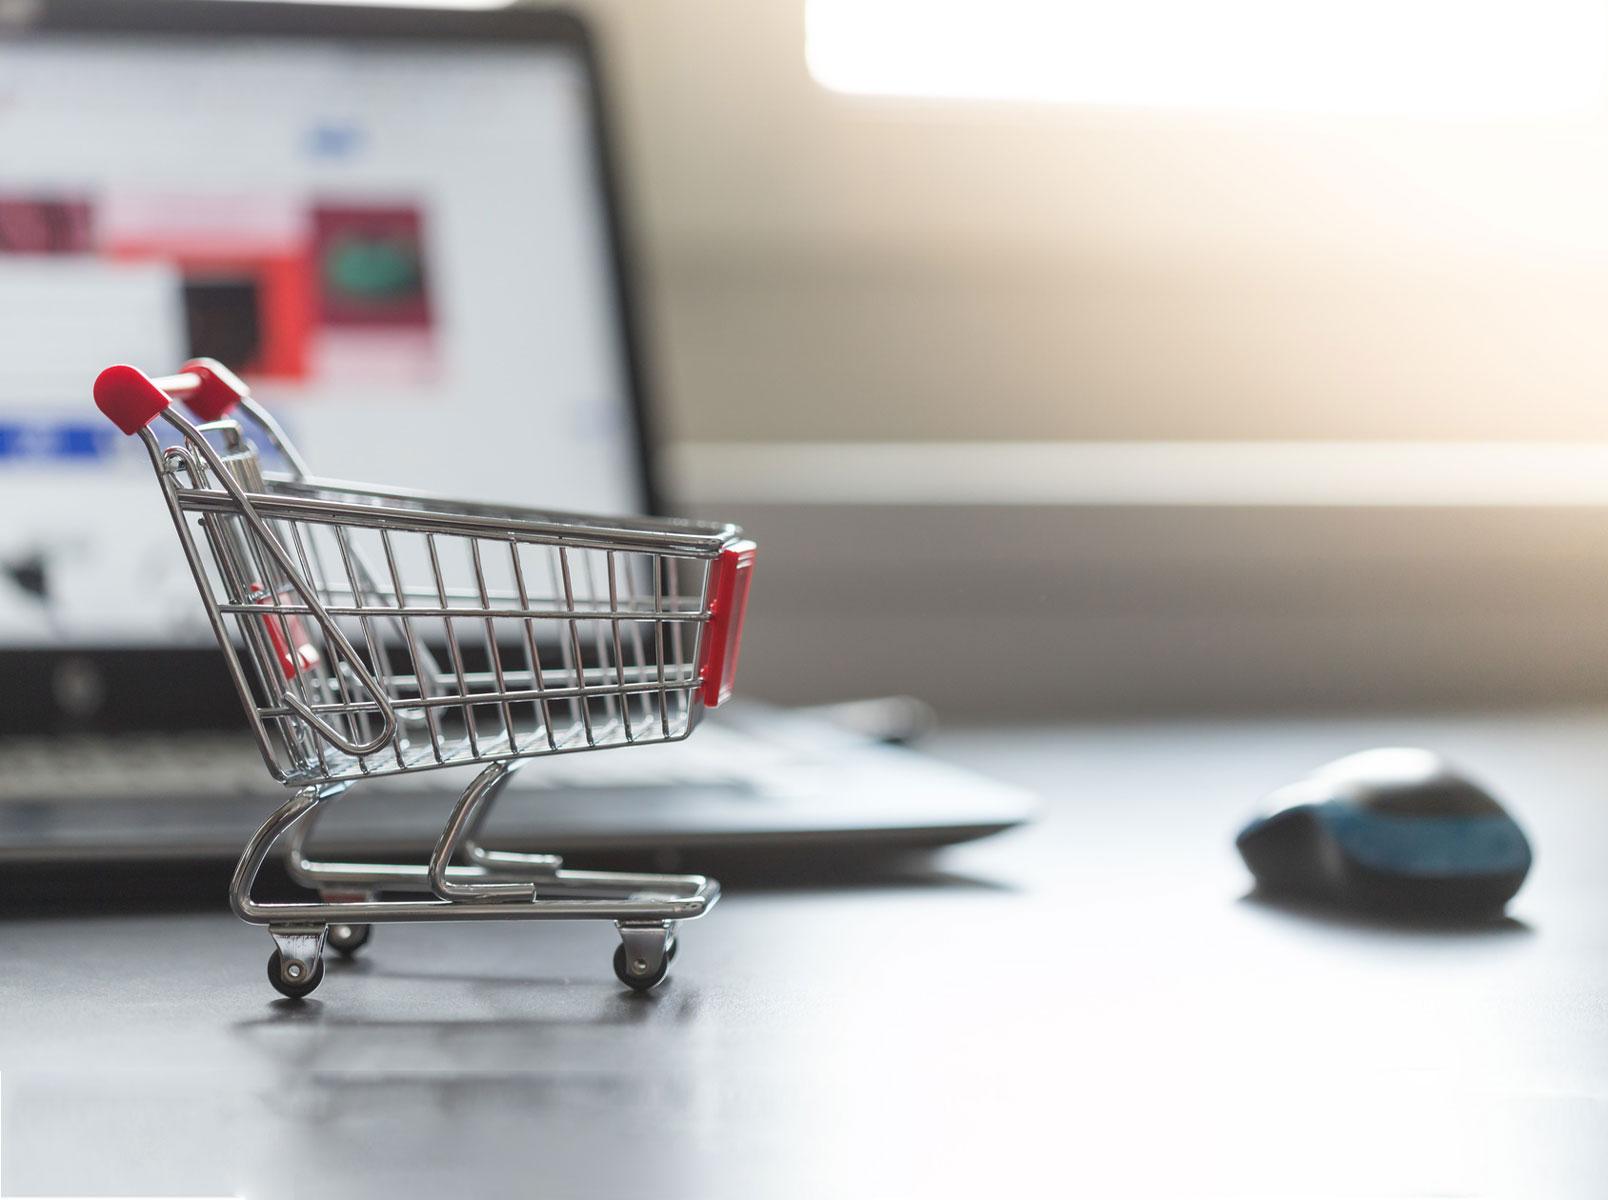 Onlineshops und Ecommerce